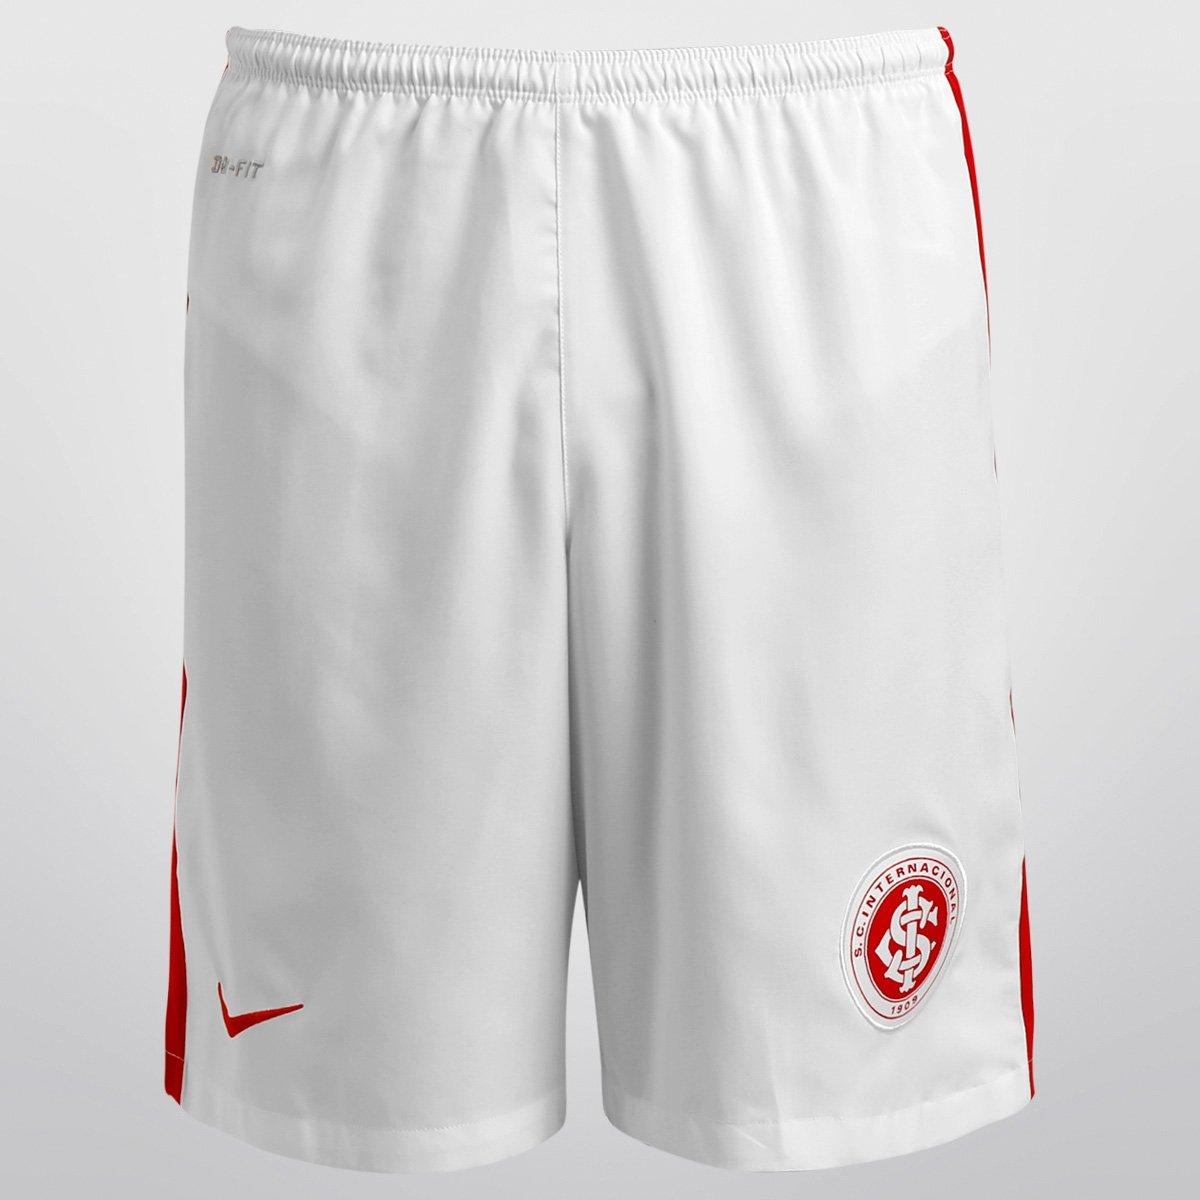 Calção Nike Internacional 2015 - Compre Agora  d45d76d5fa255